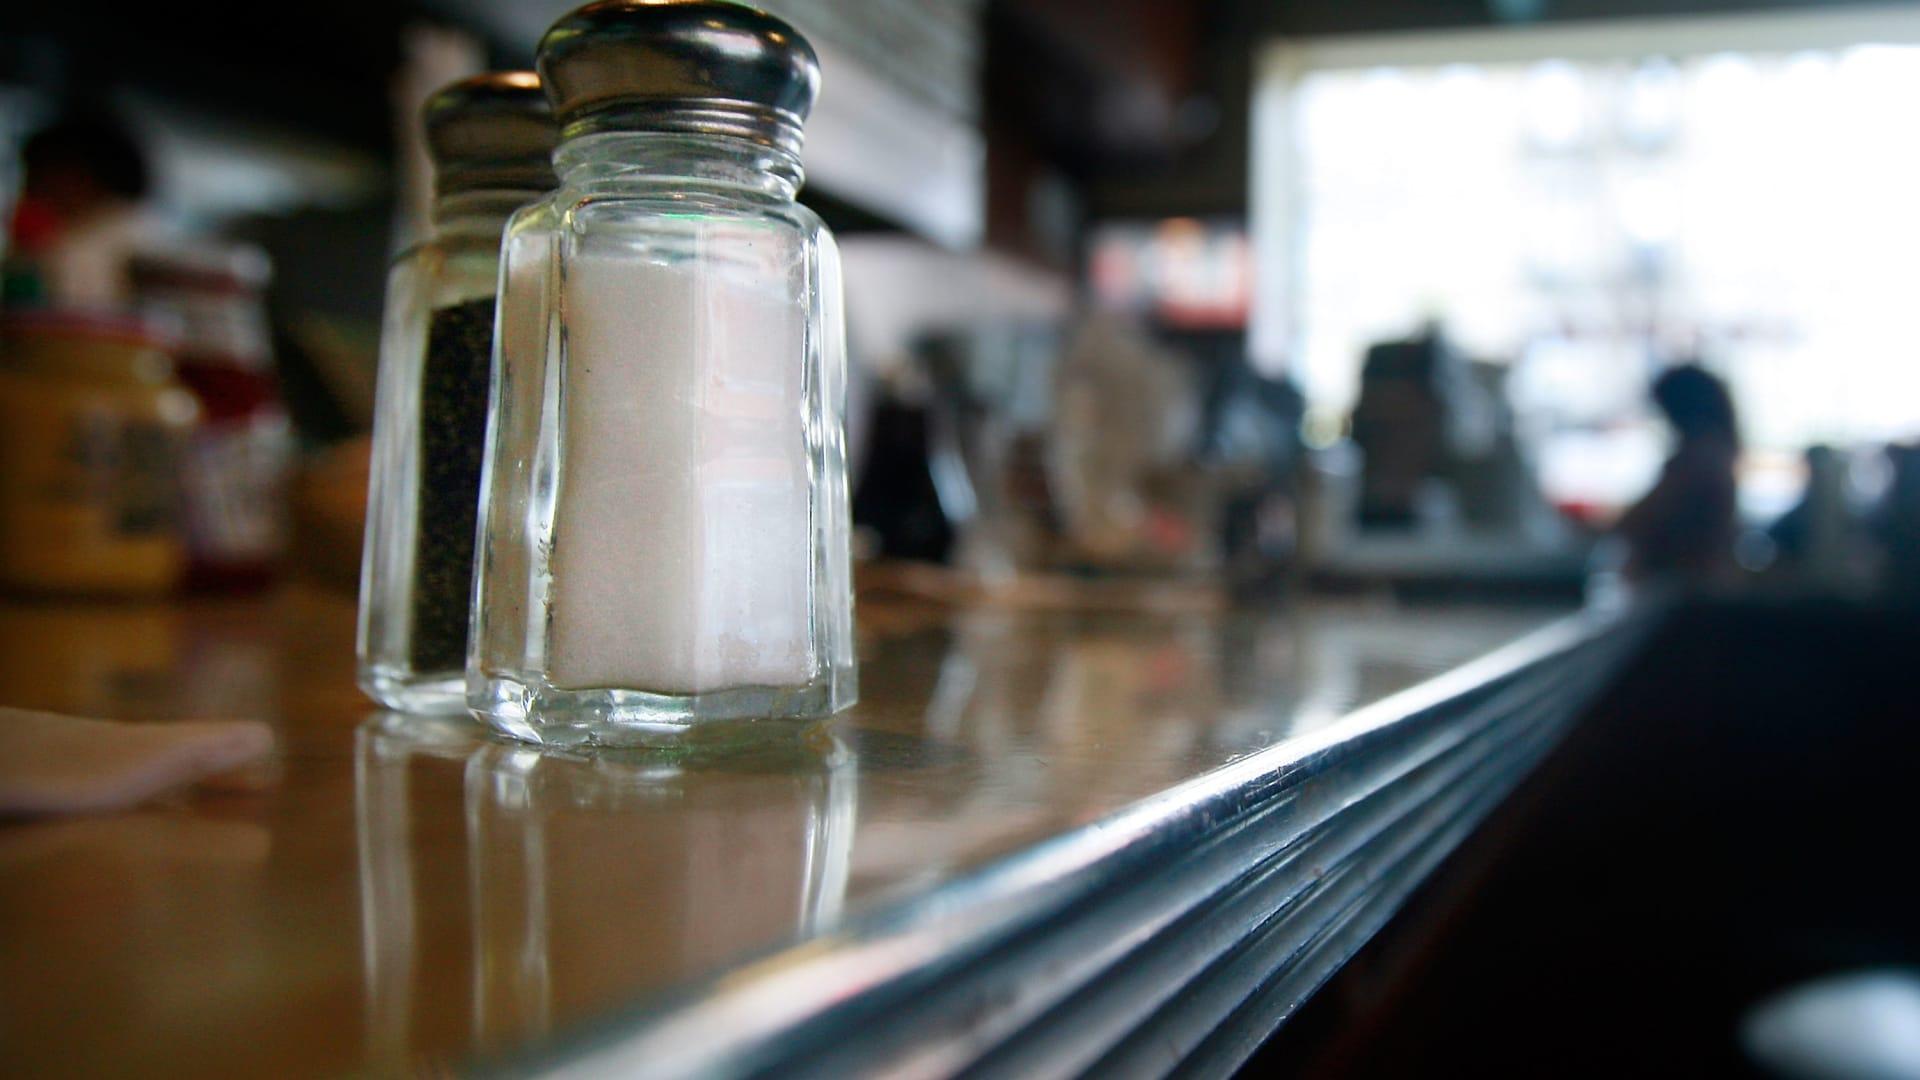 هل تعاني من ارتفاع ضغط الدم؟ إذا خفف الملح في نظامك الغذائي